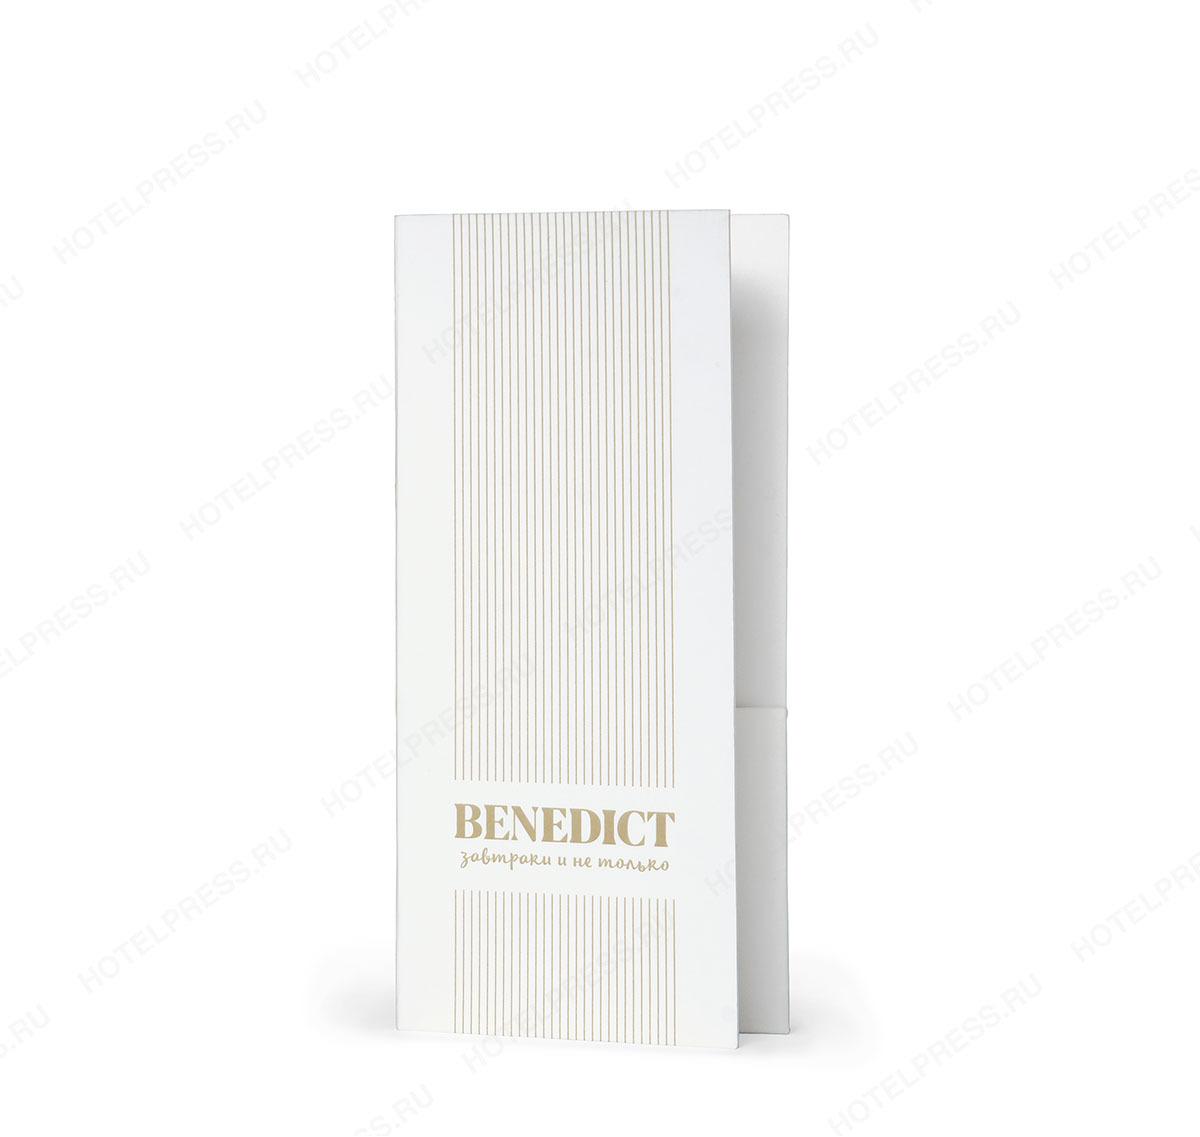 Счетница для Benedict (WRF)